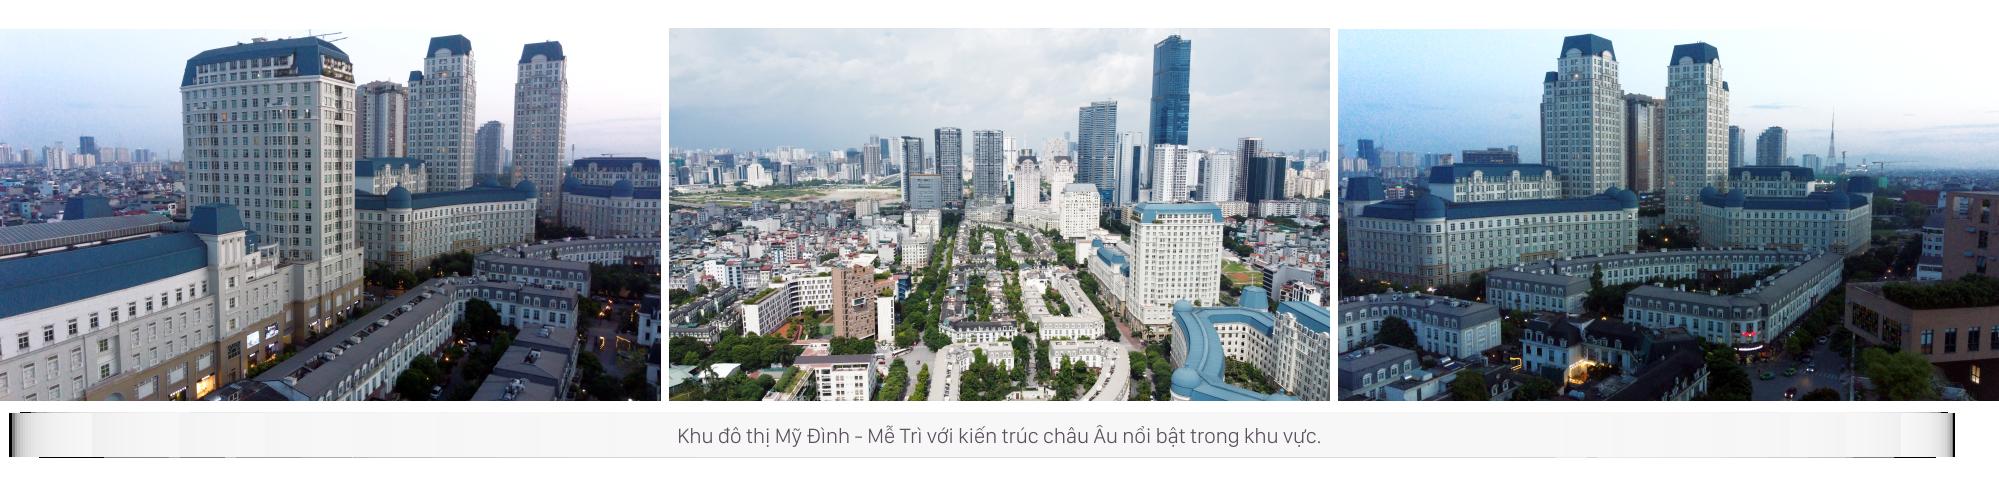 Vùng qui hoạch đẹp Keangnam: Hàng loạt doanh nghiệp lớn đổ về đầu tư, nhiều công trình nổi tiếng thế giới - Ảnh 22.